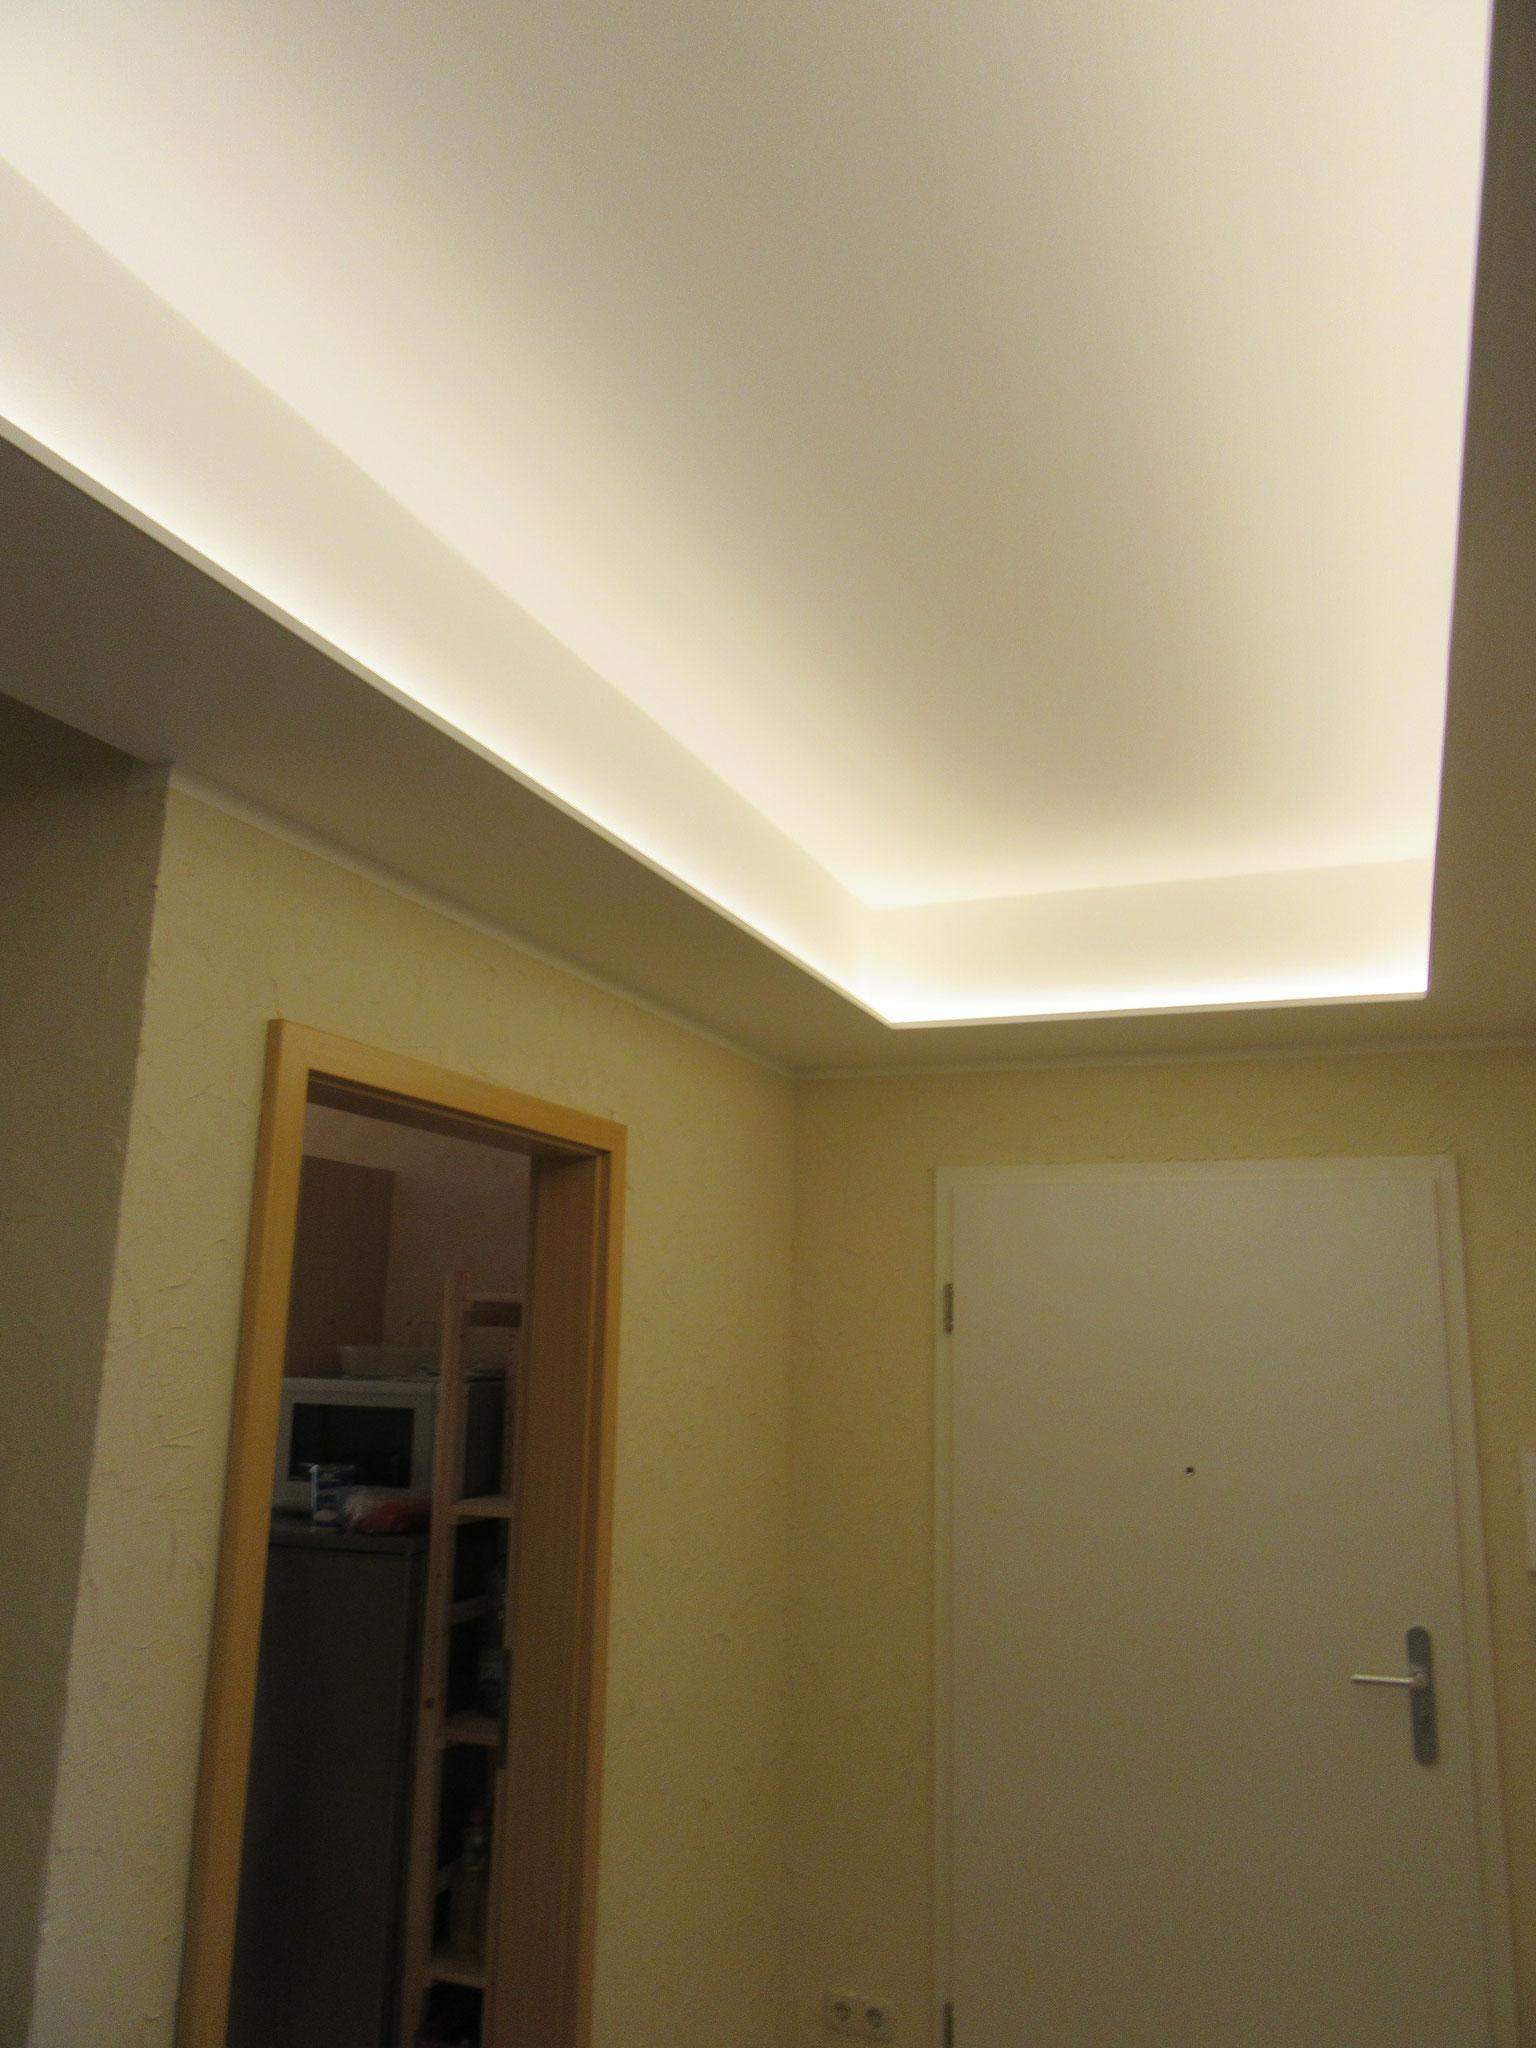 Full Size of Indirekte Beleuchtung Decke Schlafzimmer Deckenleuchte Wohnzimmer Deckenlampe Led Bad Moderne Küche Deckenlampen Modern Deckenleuchten Im Fenster Wohnzimmer Indirekte Beleuchtung Decke